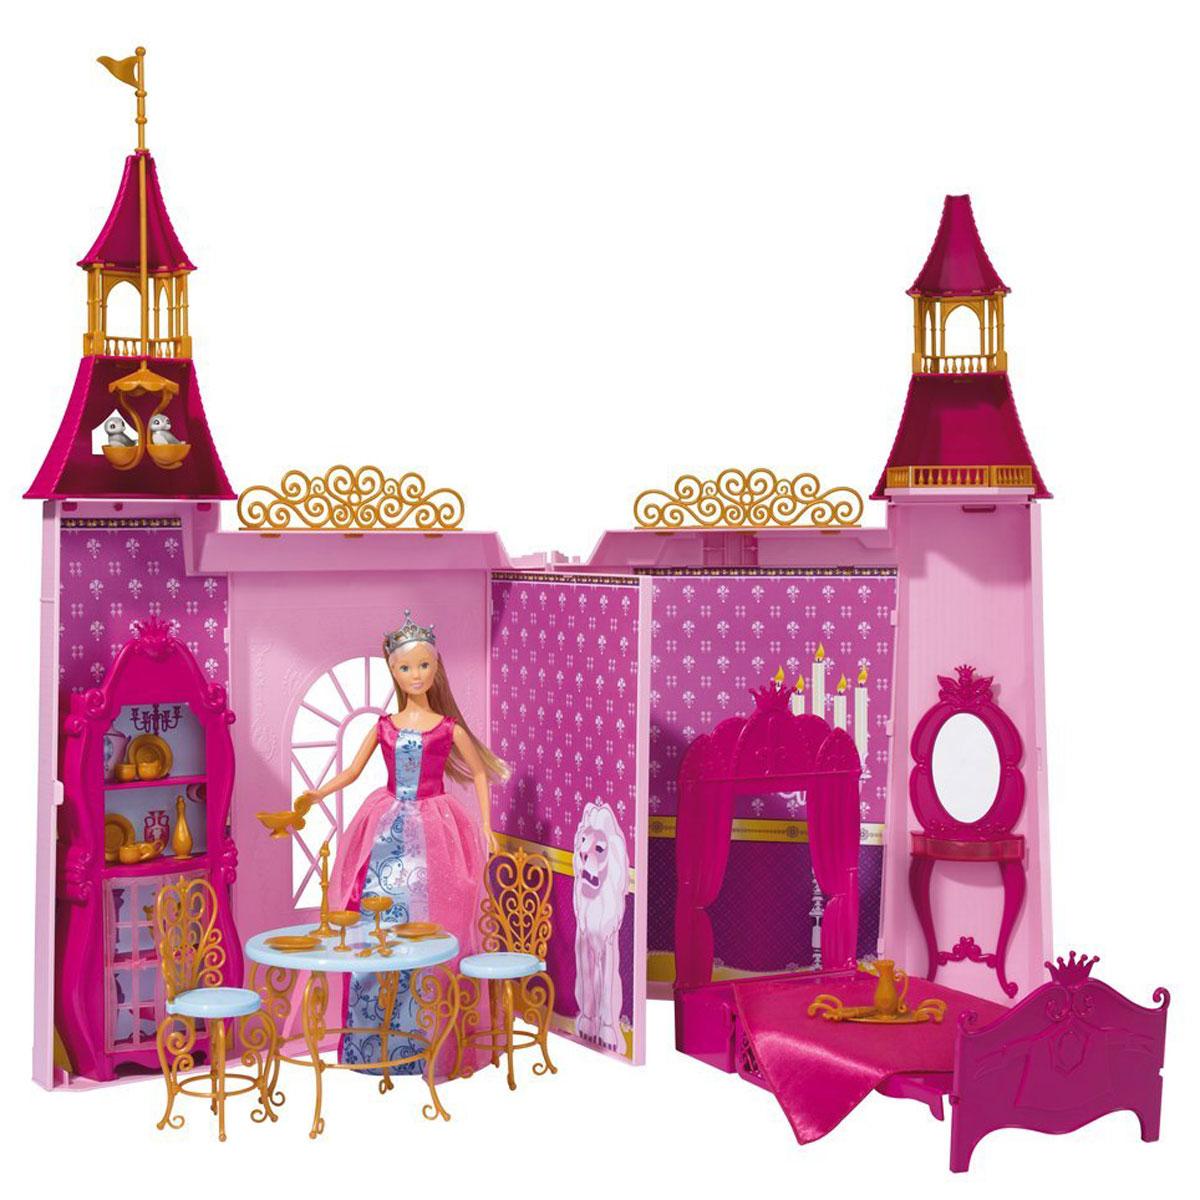 Simba Игровой набор с куклой Замок Штеффи5731118Кукла Simba Штеффи и ее замок надолго займет внимание вашей малышки и подарит ей множество счастливых мгновений. Кукла изготовлена из пластика, ее голова, ручки и ножки подвижны, что позволяет придавать ей разнообразные позы. Каждая кукла мечтает жить в таком шикарном замке, который есть у куклы Штеффи! Это очень красочный, детально проработанный набор, в который входит не только сама кукла, но и ее замок, а также множество аксессуаров для игры. Замок создан в розовом, малиновом, лиловом цвете с вкраплениями золотого. В наборе есть резные стульчики и стол, королевская кровать, шкафчик, туалетный столик, посуда. В высоких башнях можно рассмотреть гнездо птичек, балкончики. Замок можно складывать и раскладывать, как книгу. Специальная перегородка делит пространство на 2 комнаты. В комплекте с куклой имеется раскладной замок, сборная мебель и аксессуары. Кукла одета в шикарное длинное платье с блестками. Наряд дополняют розовые туфельки и корона. Благодаря...